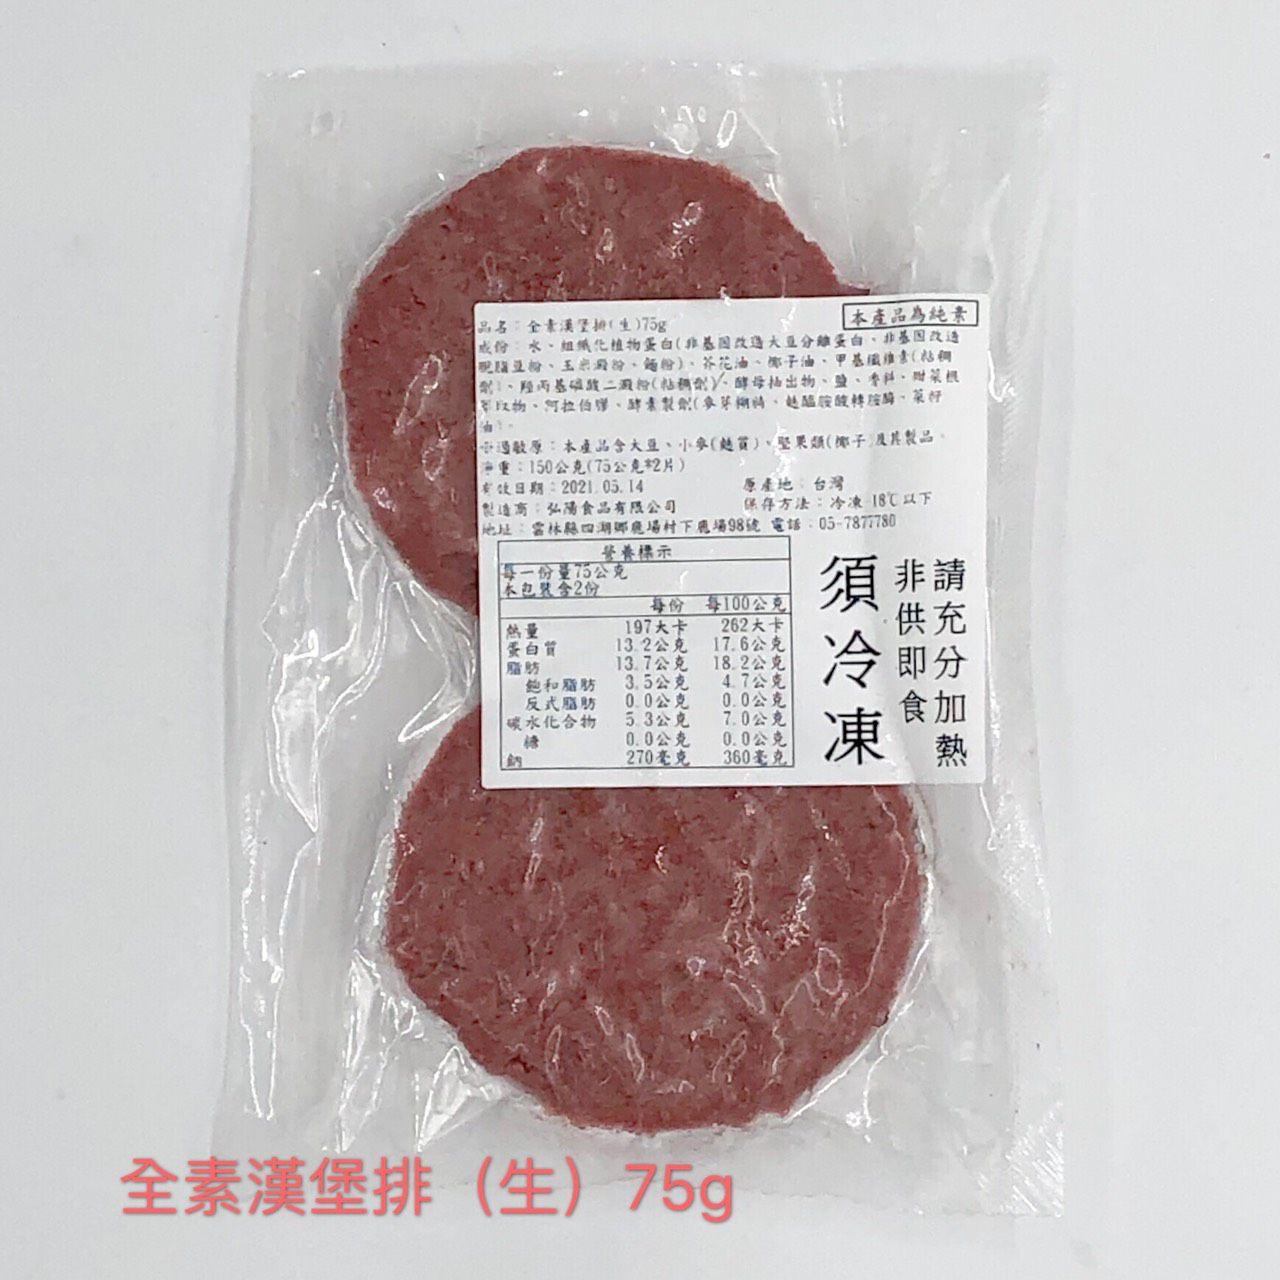 (弘陽)全素漢堡排(生)75g(全素)